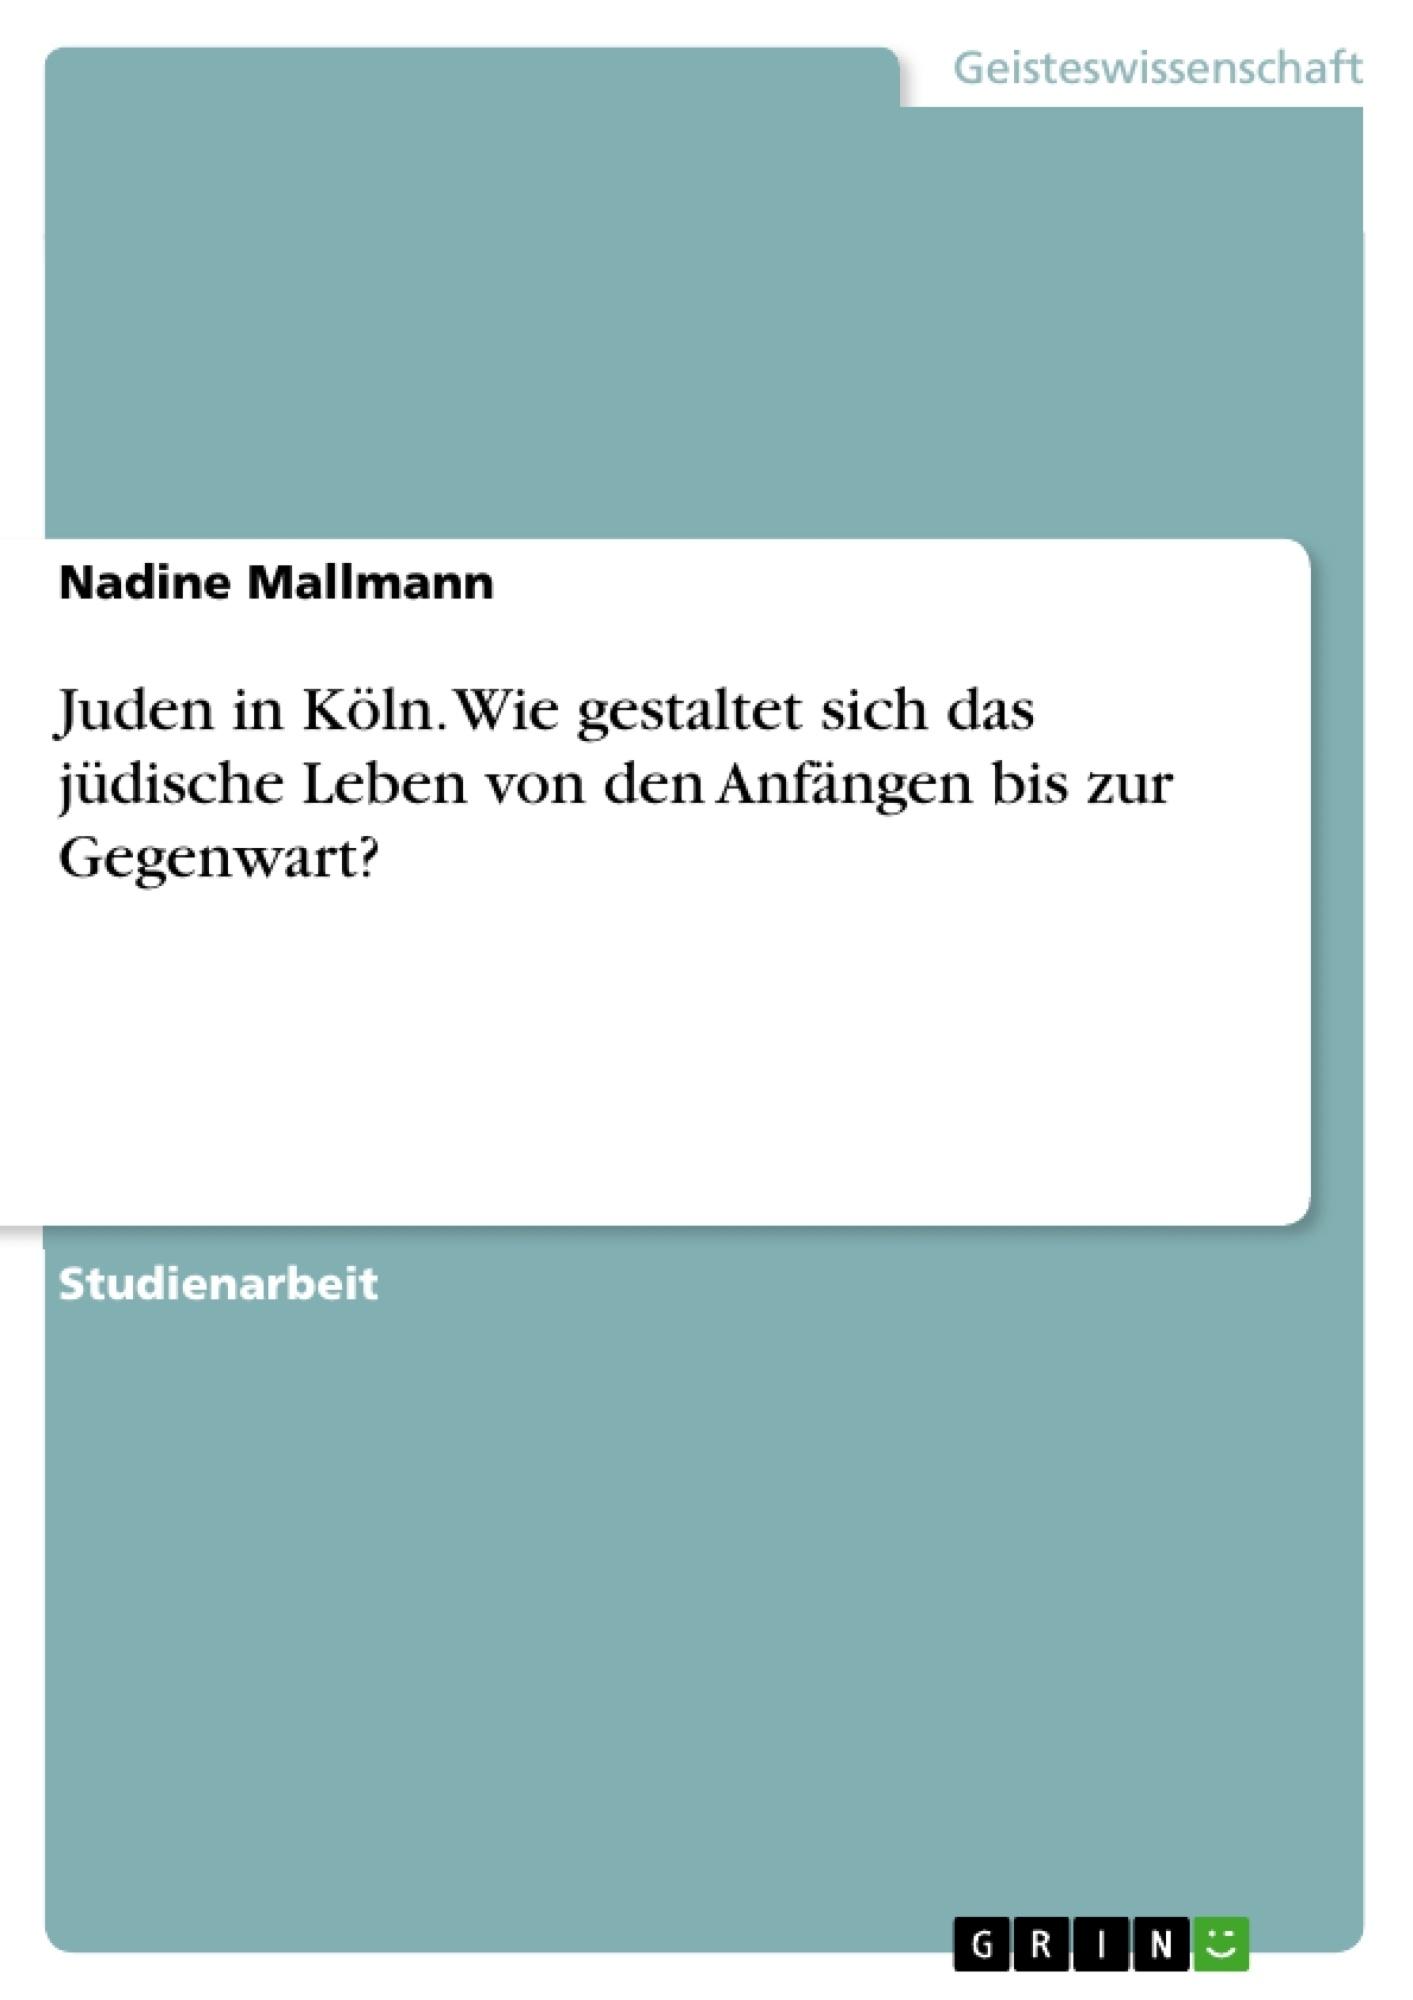 Titel: Juden in Köln. Wie gestaltet sich das jüdische Leben von den Anfängen bis zur Gegenwart?